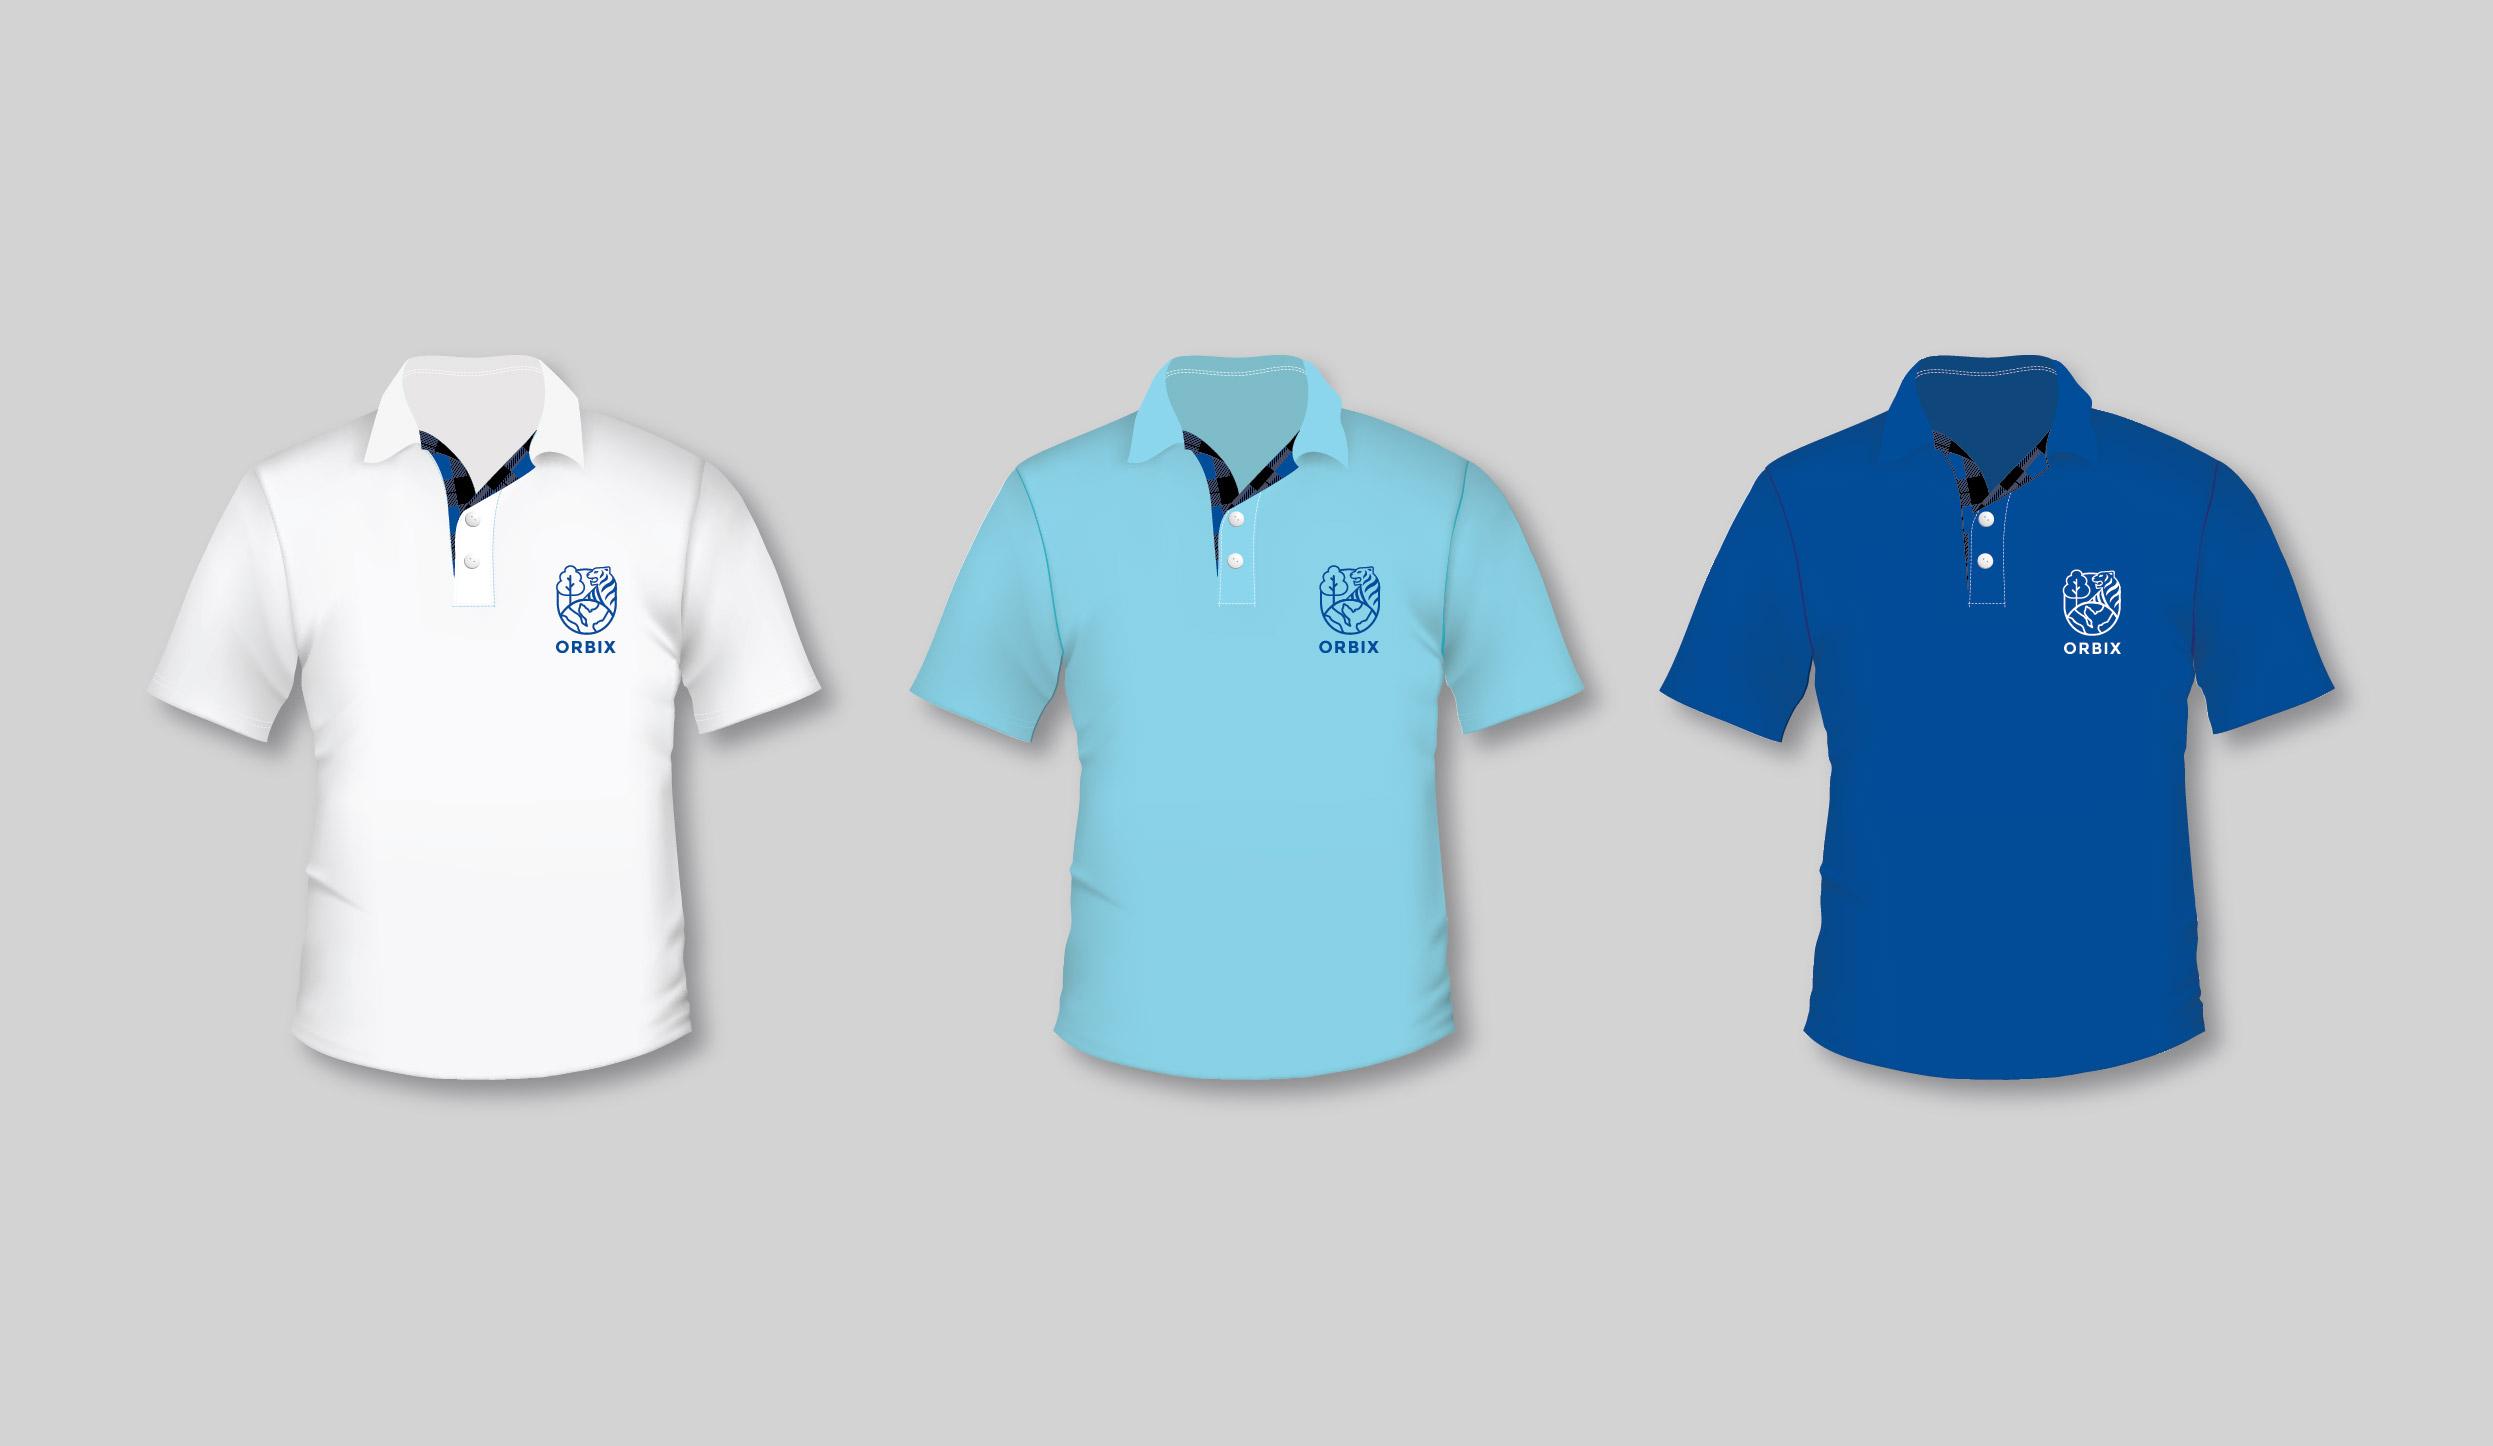 Orbix Uniform Design